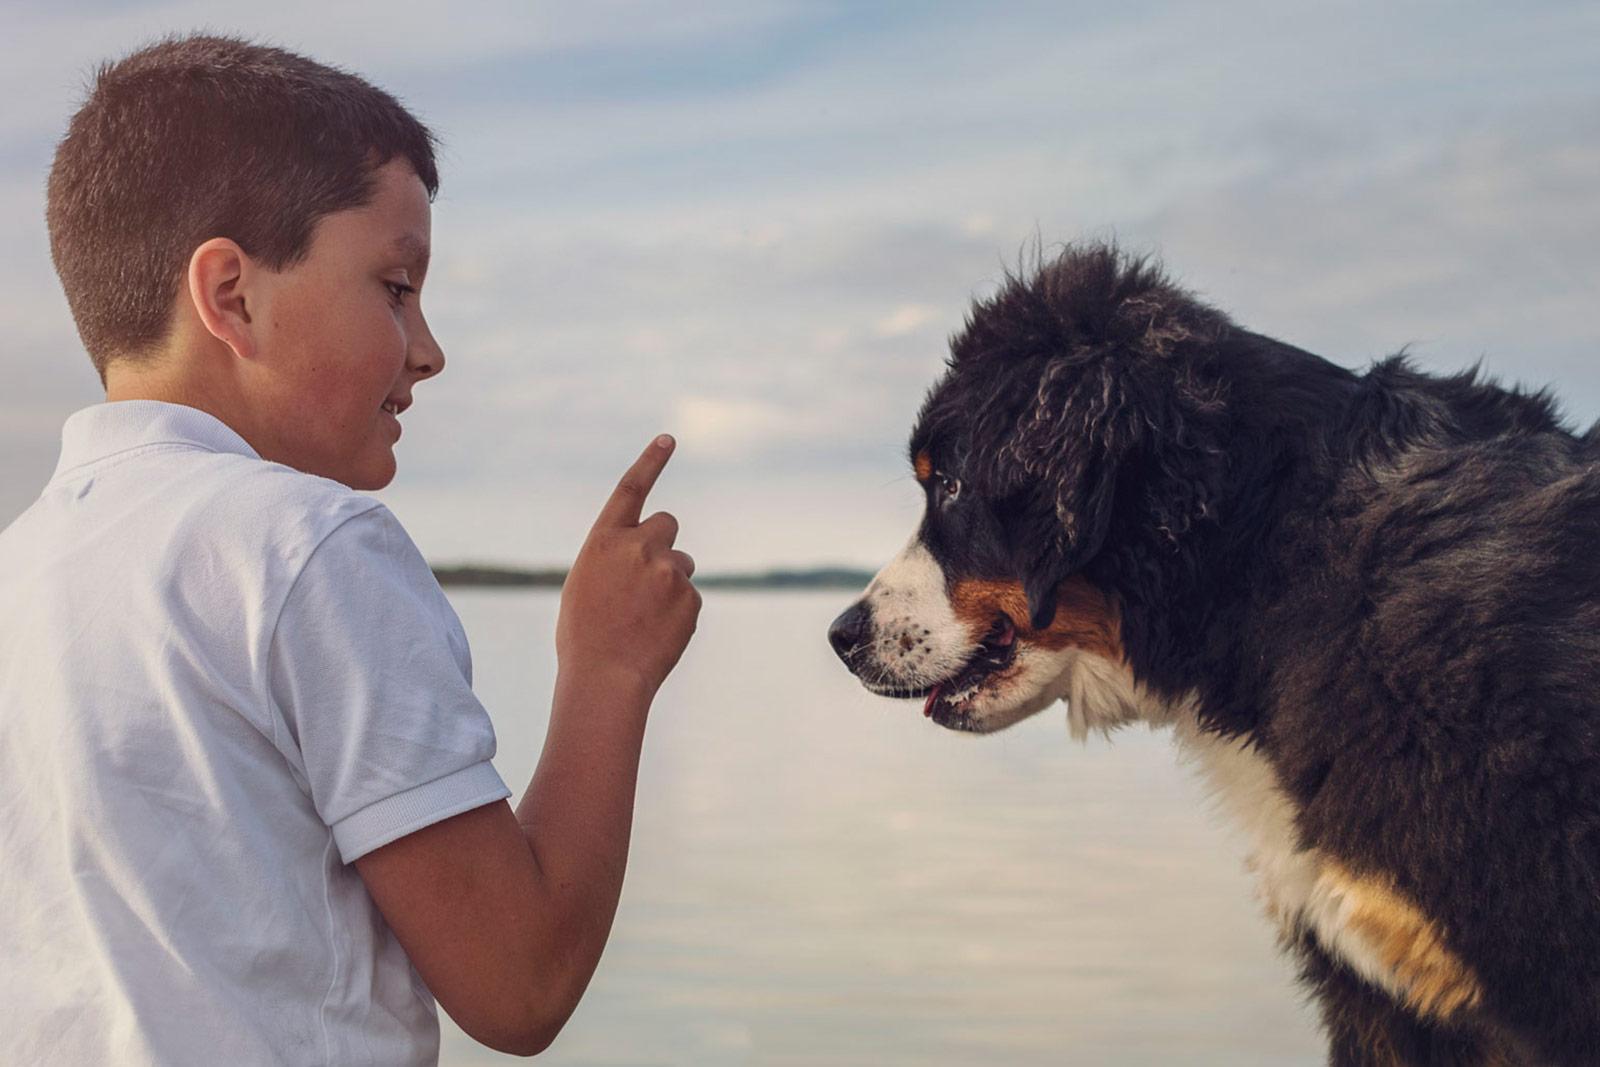 Insel Usedom Fotograf Portrait Kinder Menschen Ostsee Strand Shooting